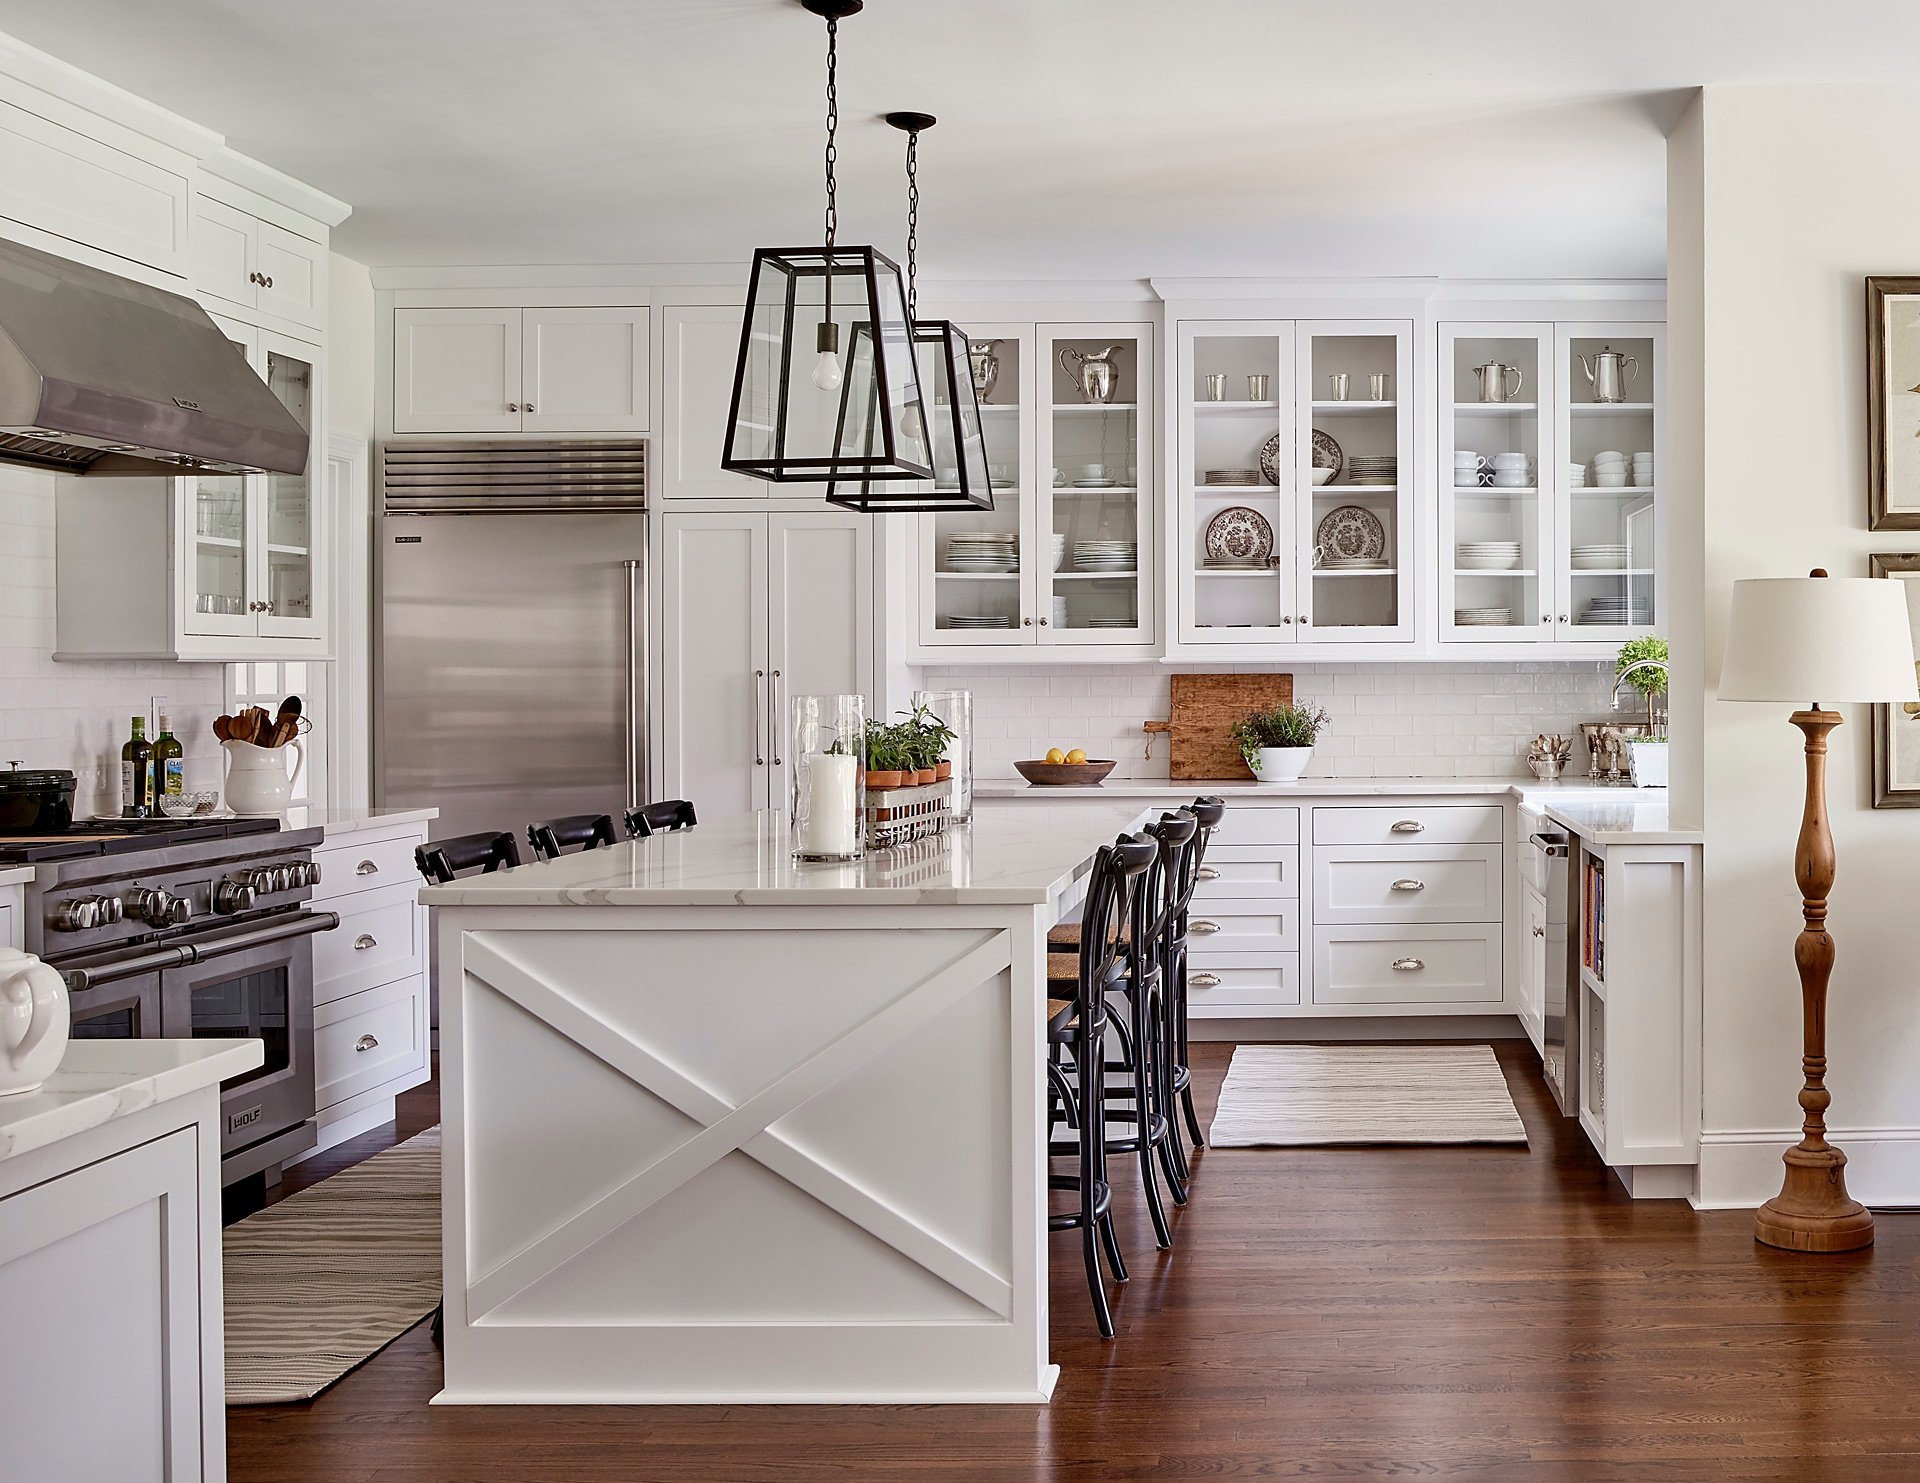 кухня белые фасады кухонный остров плитка кабанчик ретро плита вытяжка холодильник